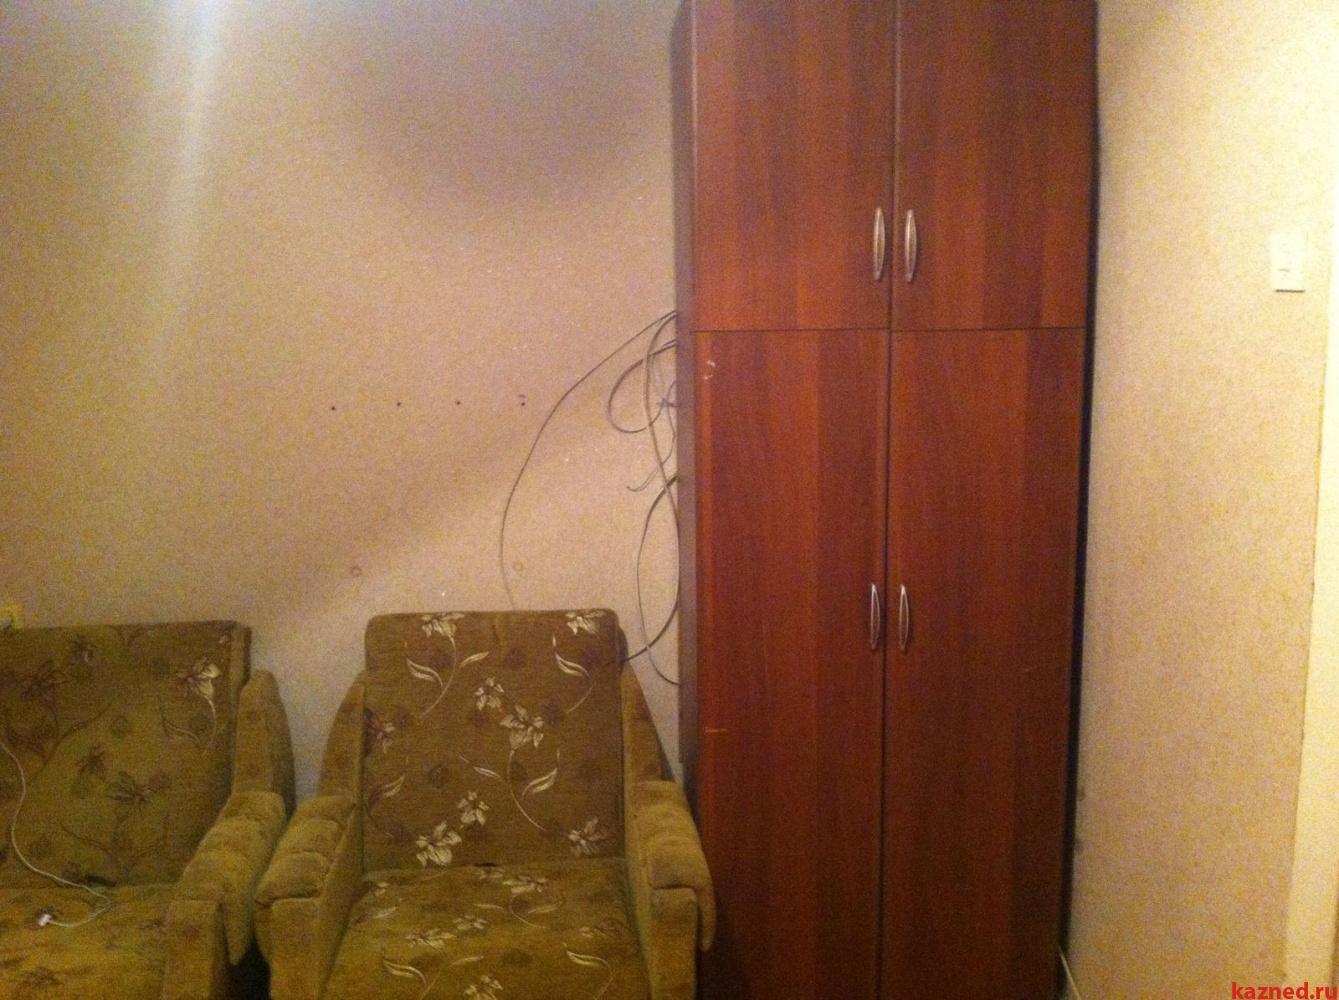 Продажа 1-к квартиры Беломорская ул, 81, 19 м²  (миниатюра №2)